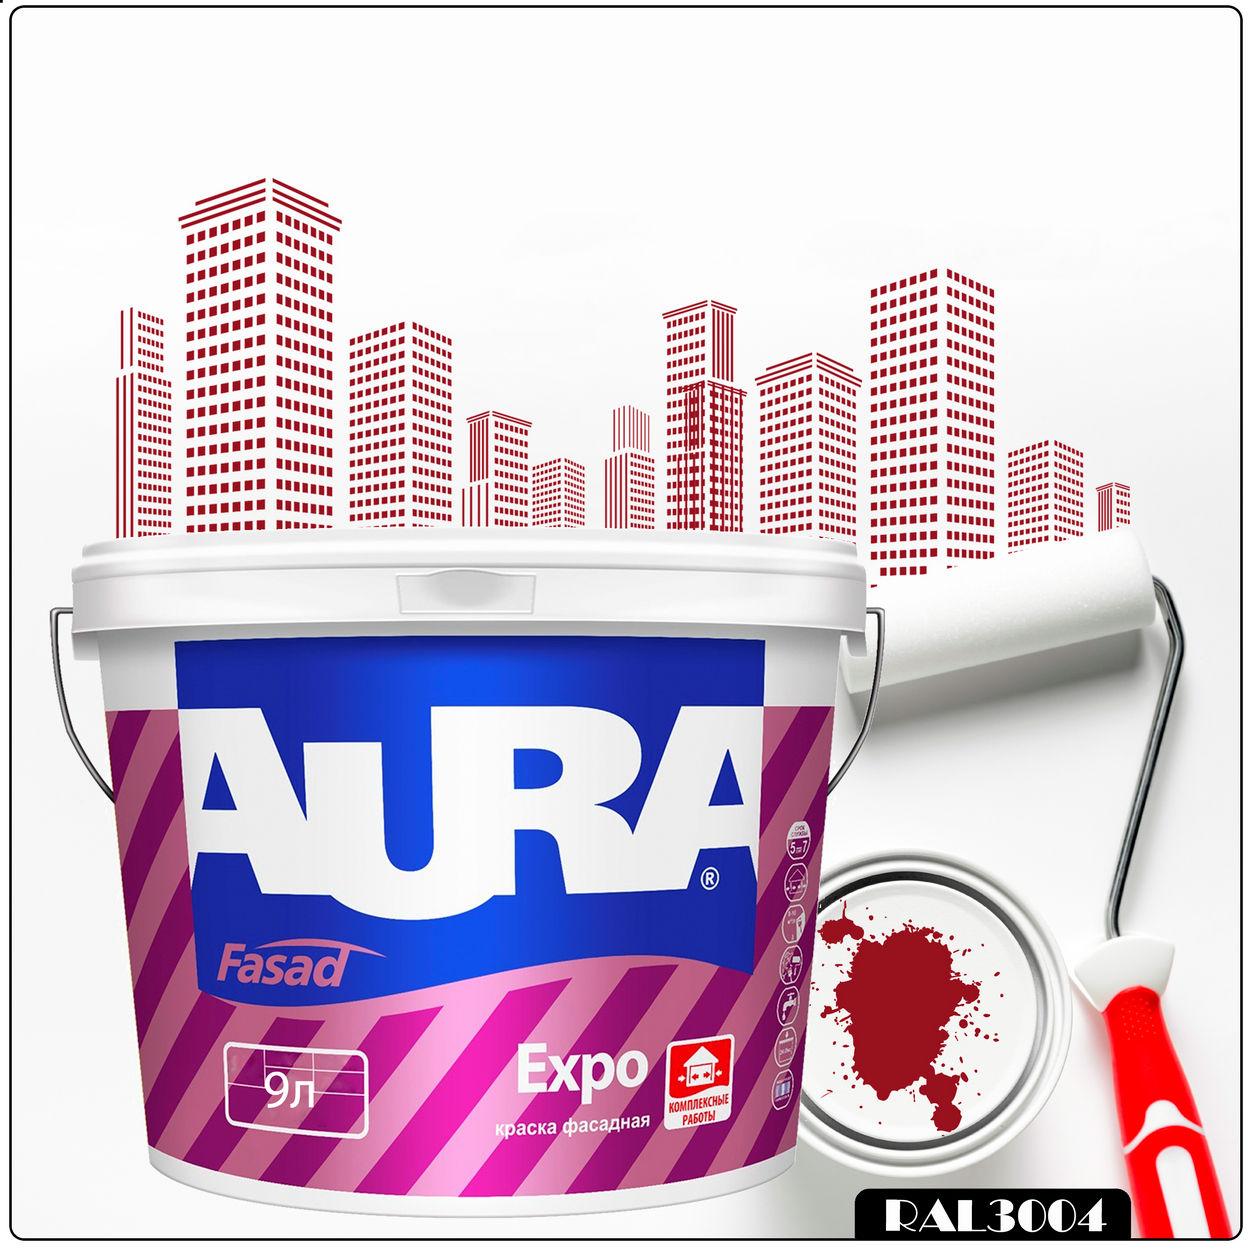 Фото 5 - Краска Aura Fasad Expo, RAL 3004 Пурпурно-красный, матовая, для фасадов и помещений с повышенной влажностью, 9л.